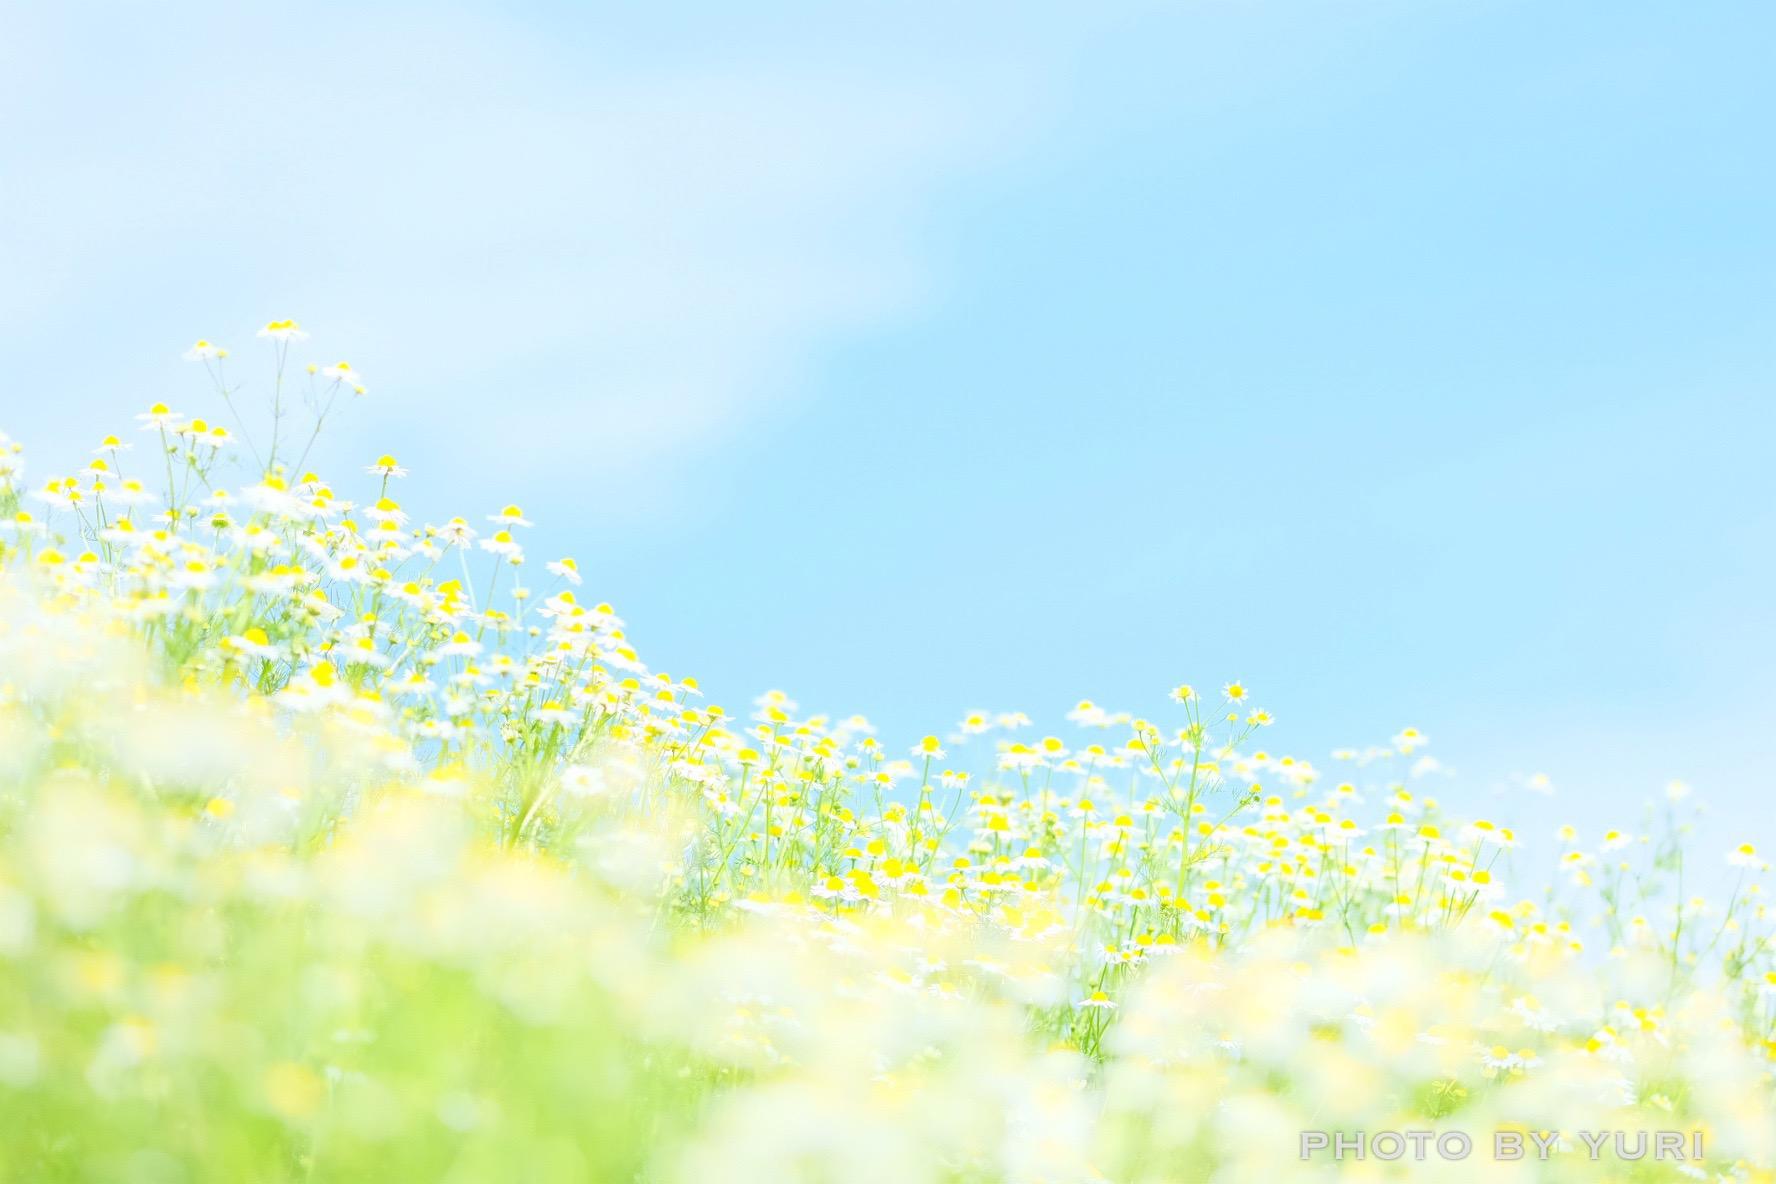 はなまっぷ本2「1年中楽しみたい! 日本の美しい花暦」の表紙写真に選ばれました